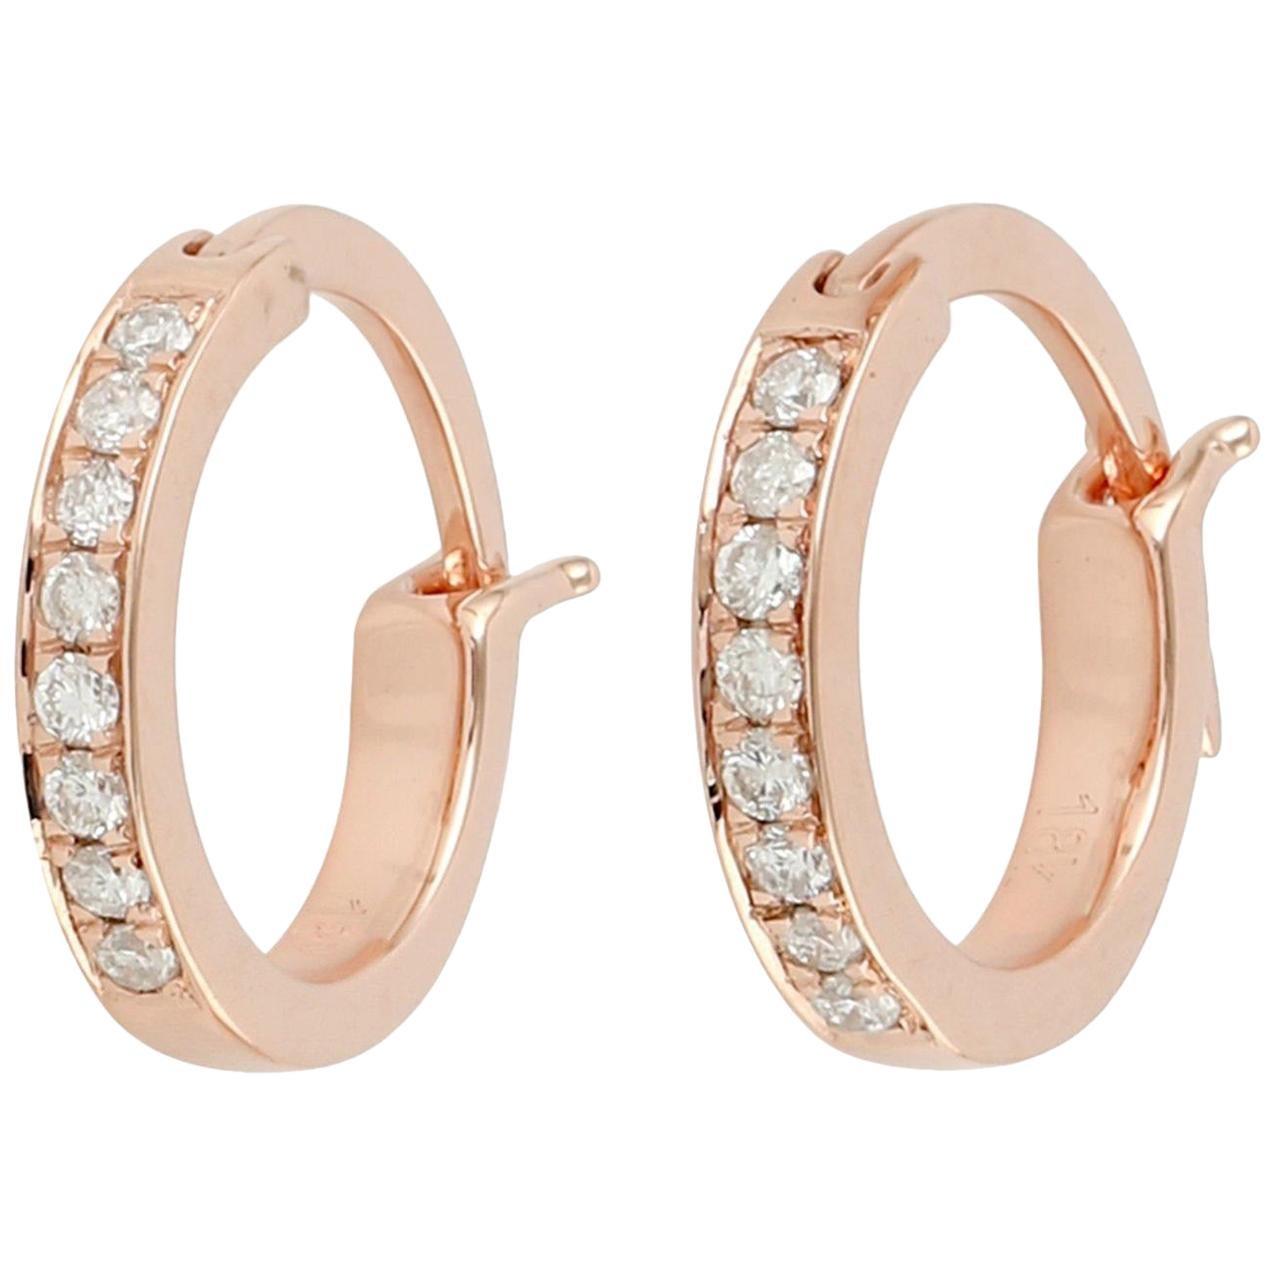 18 Karat Gold Diamond Gold Huggie Hoop Earrings